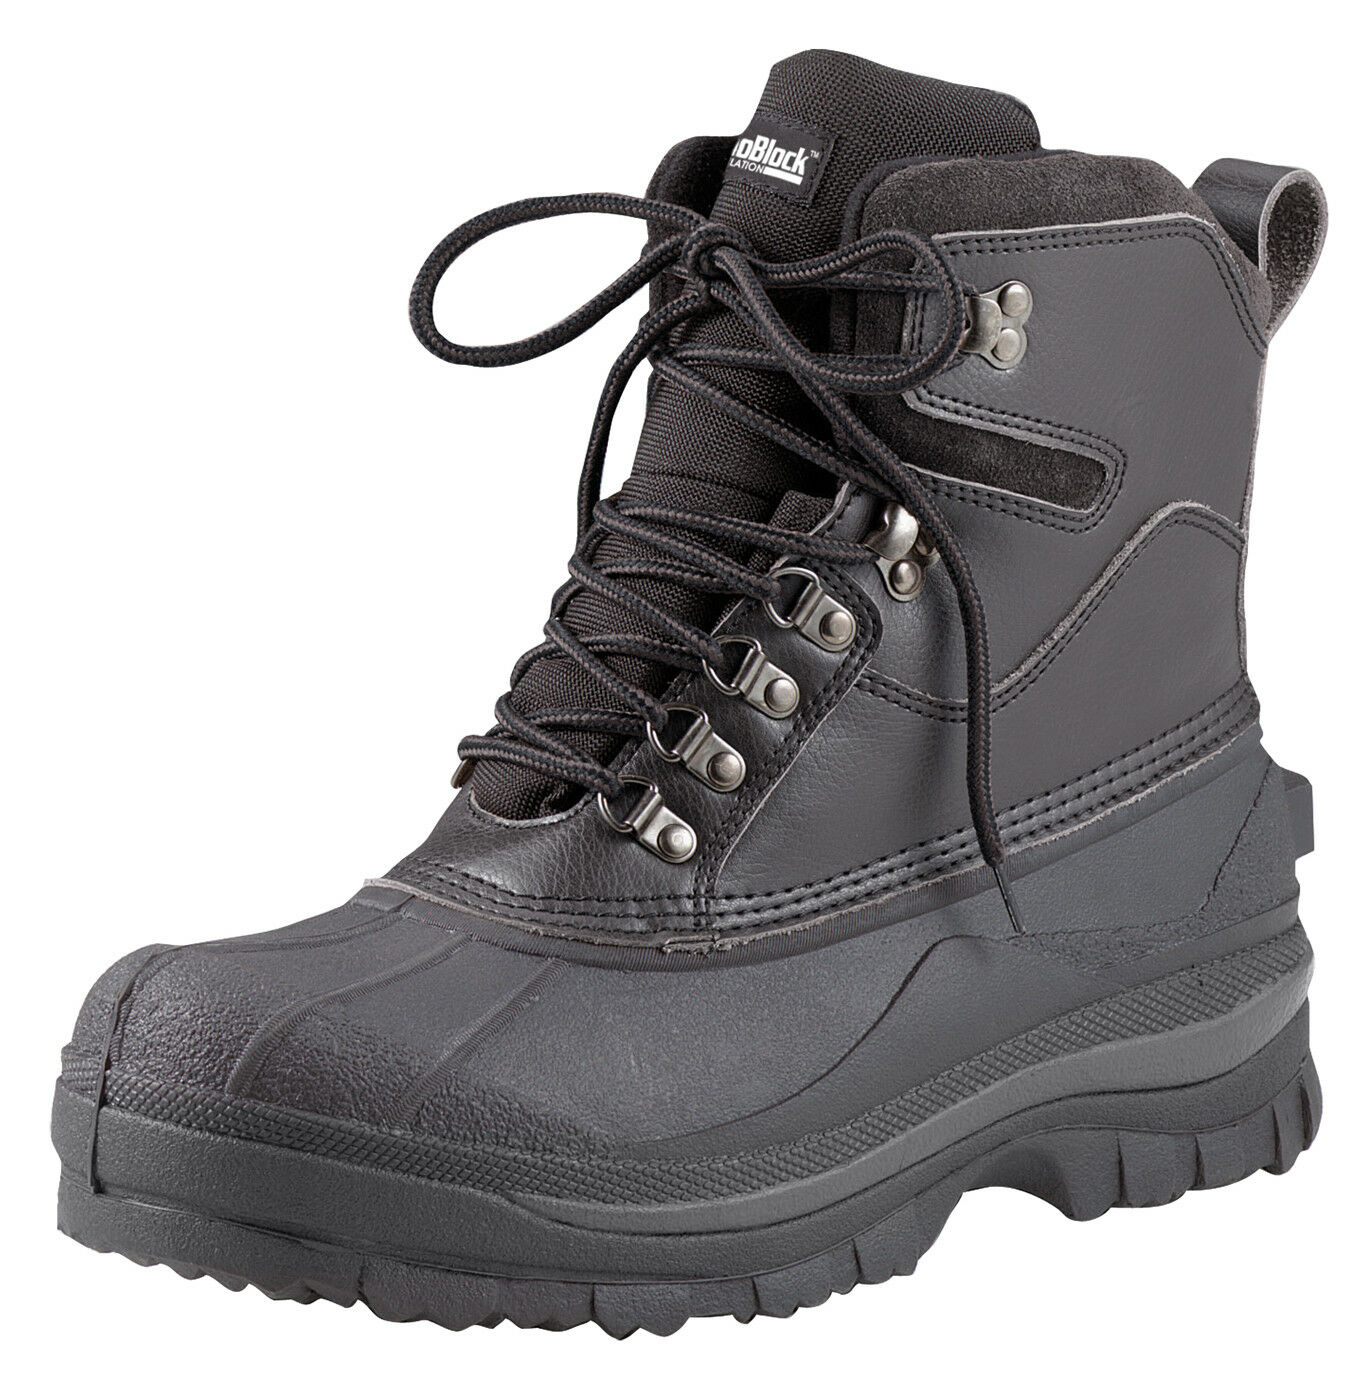 Stiefel Wasserdicht Kaltes Wetter Wandern Schwarz 20.3cm Isoliert Rothco 5459